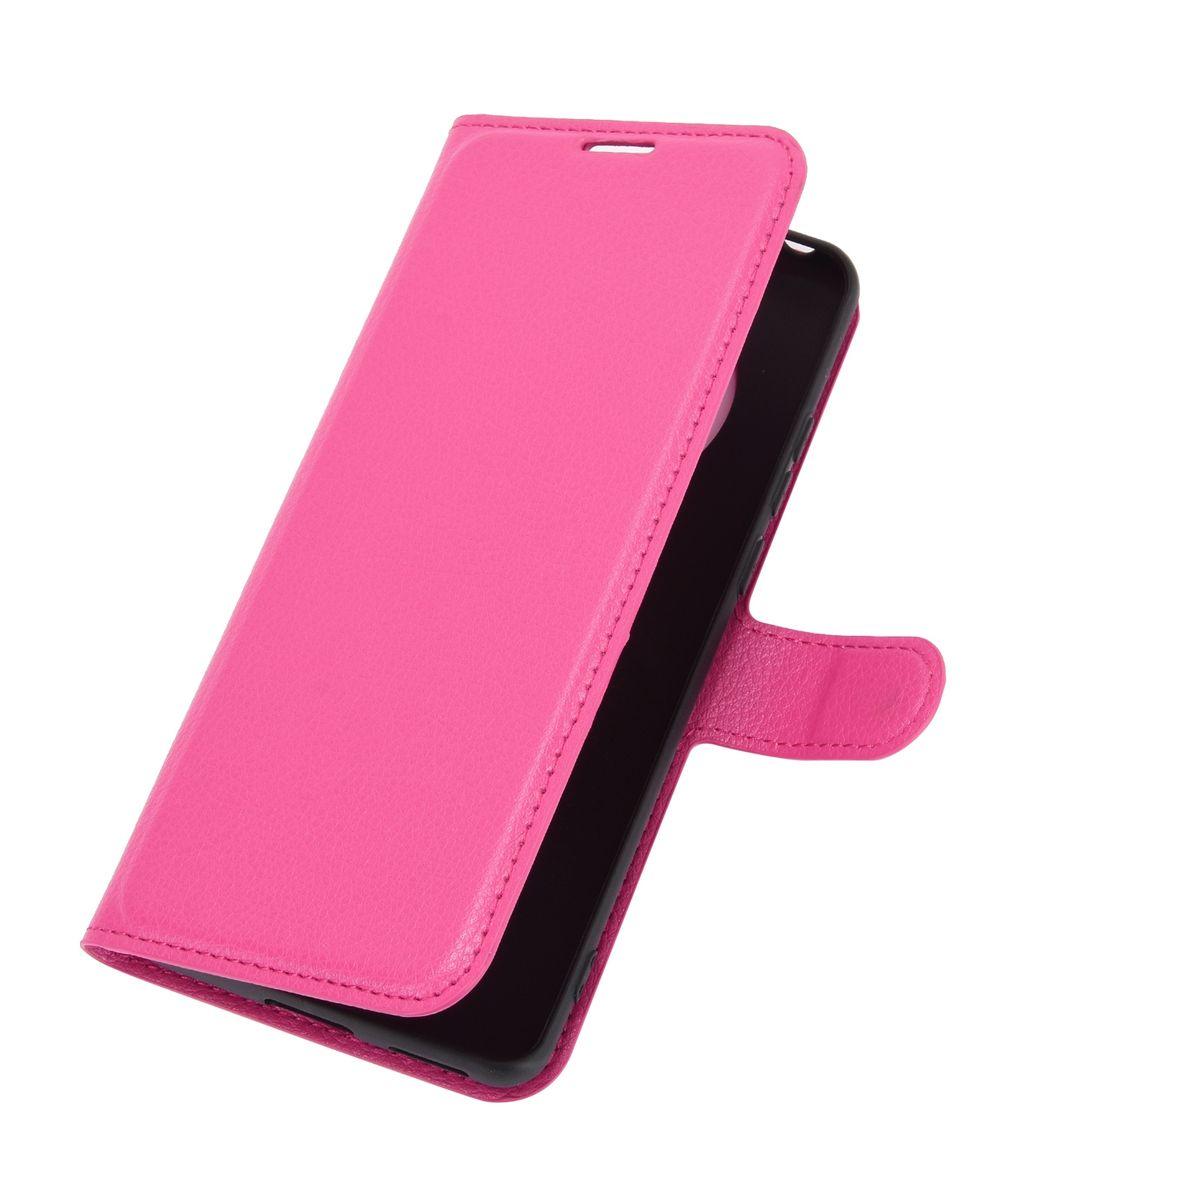 Huawei Mate 40 Pro Tasche Handy Hülle Schutz-Cover Flip-Case mit Kartenfach Rosa